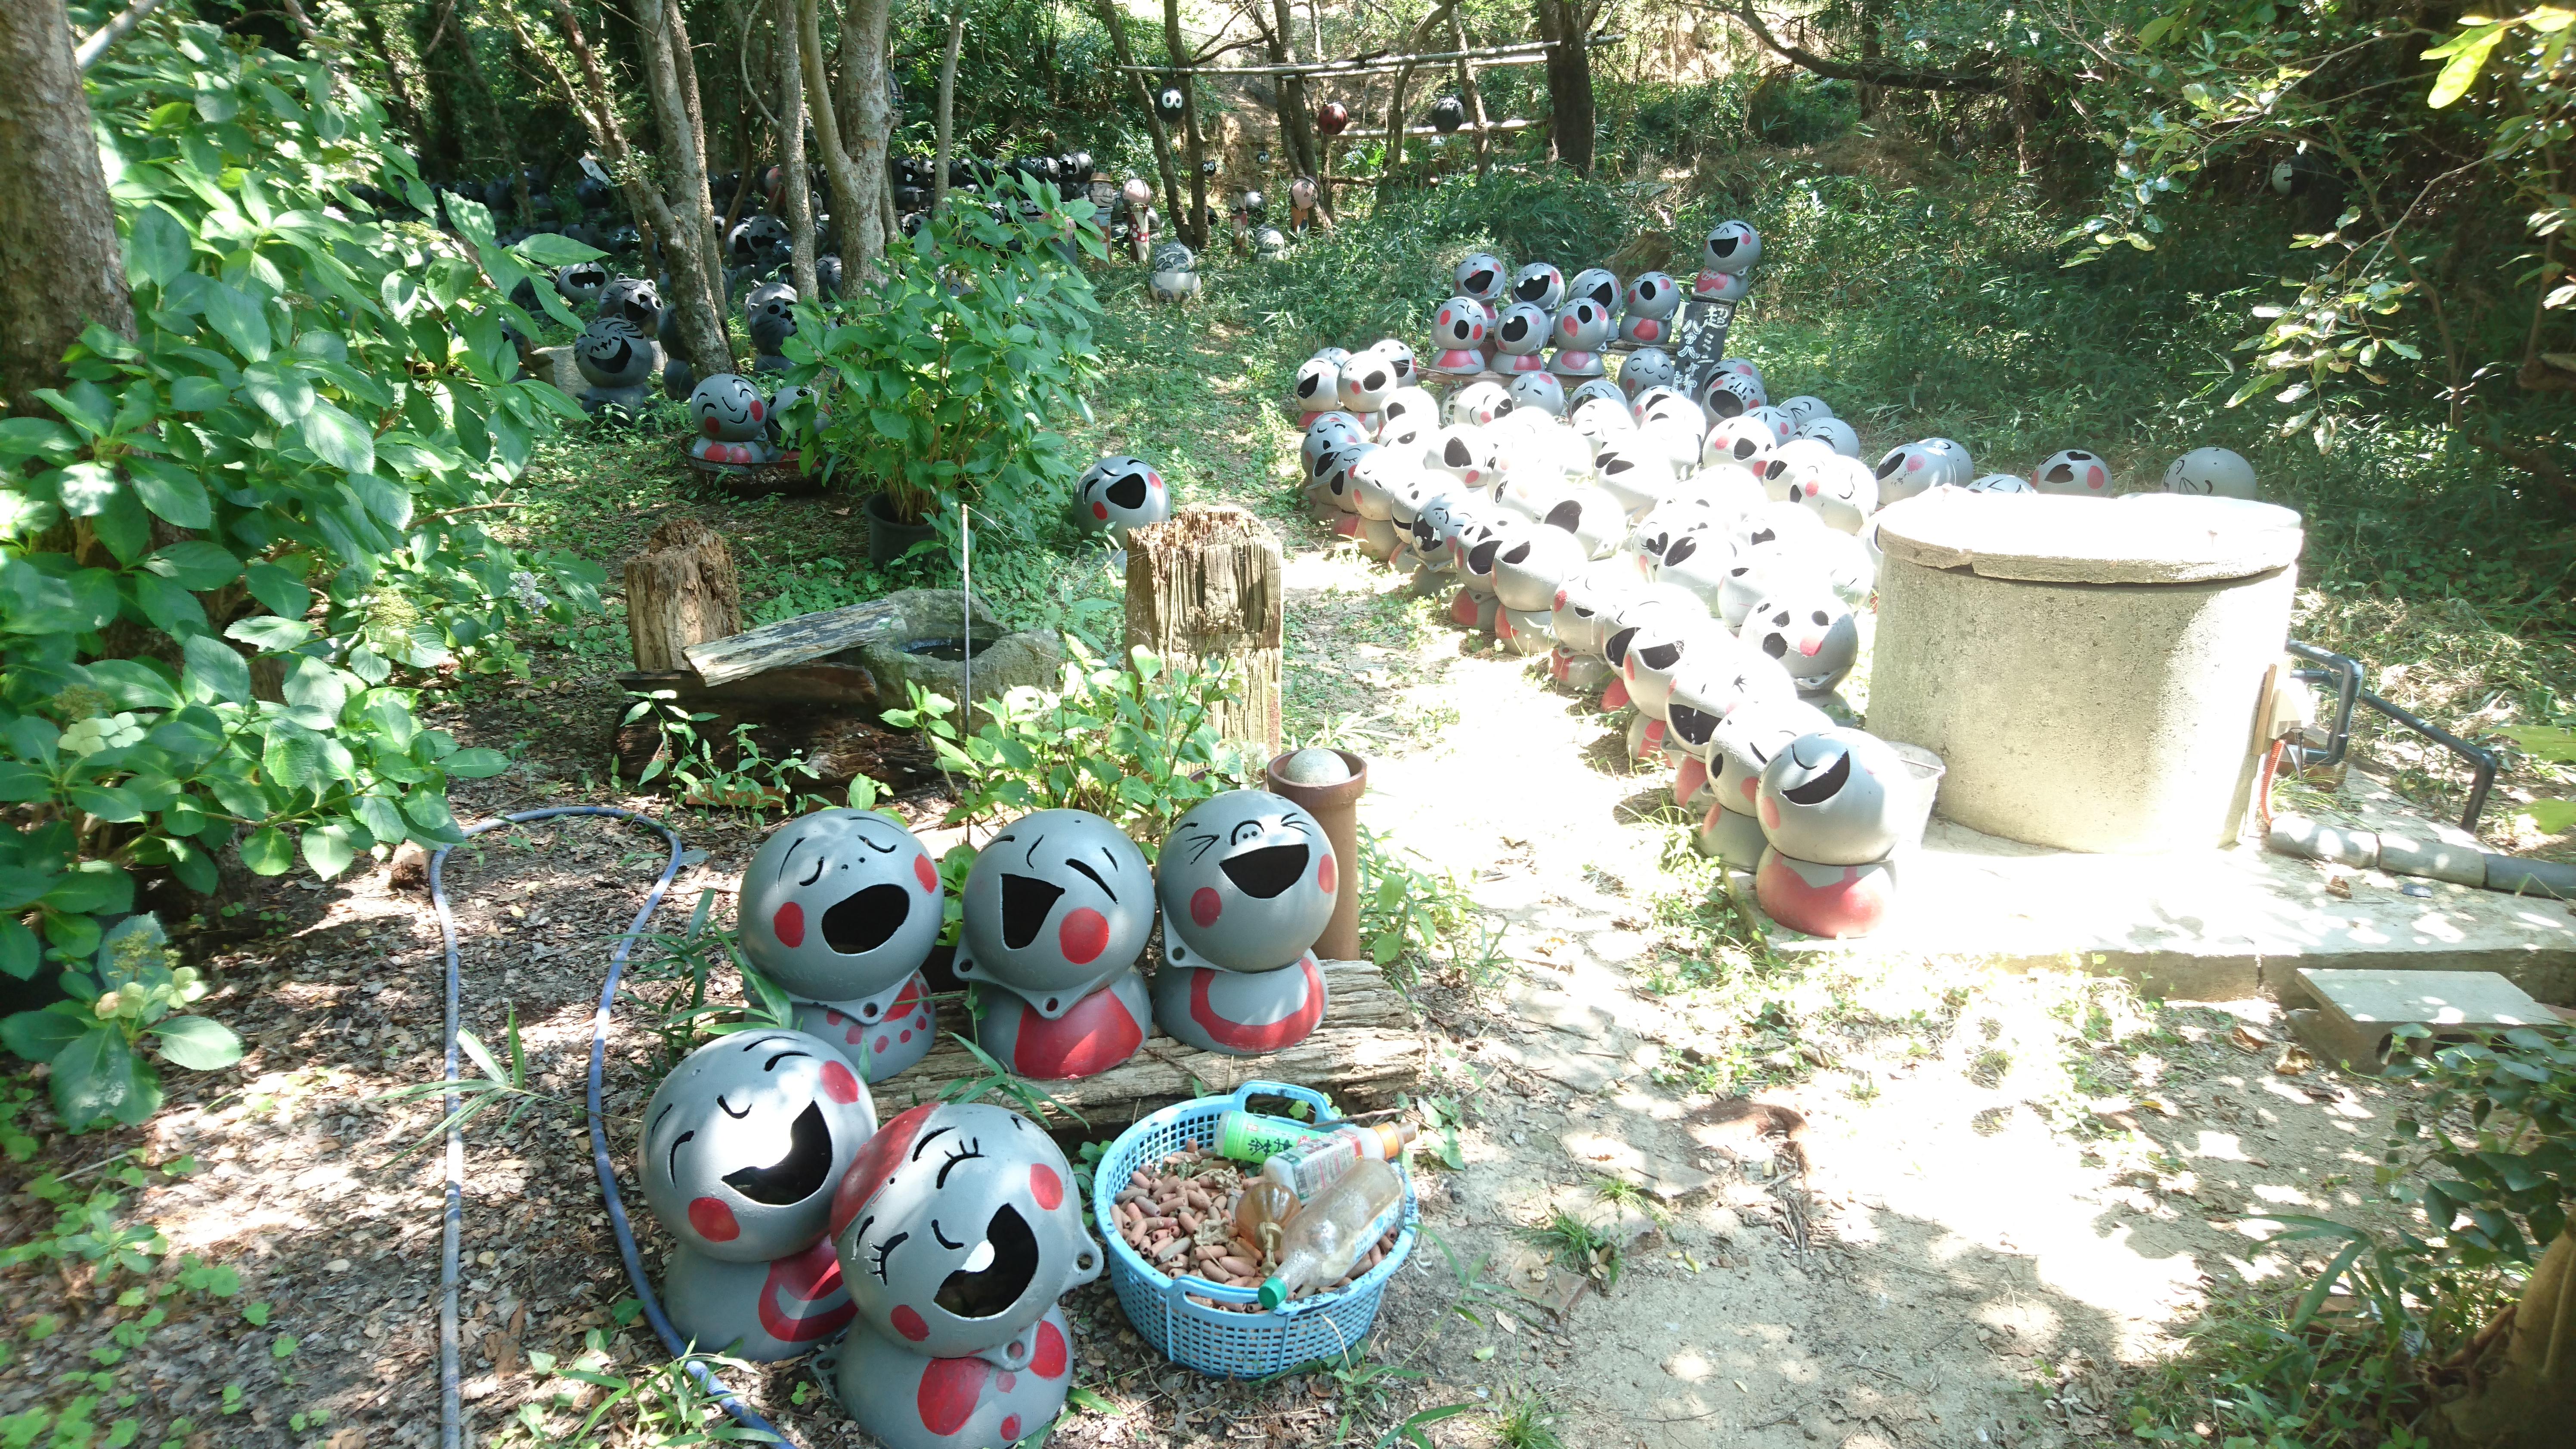 粟島のブイブイガーデン。「ブイ」とは、漁業に用いられる「浮き」のこと。